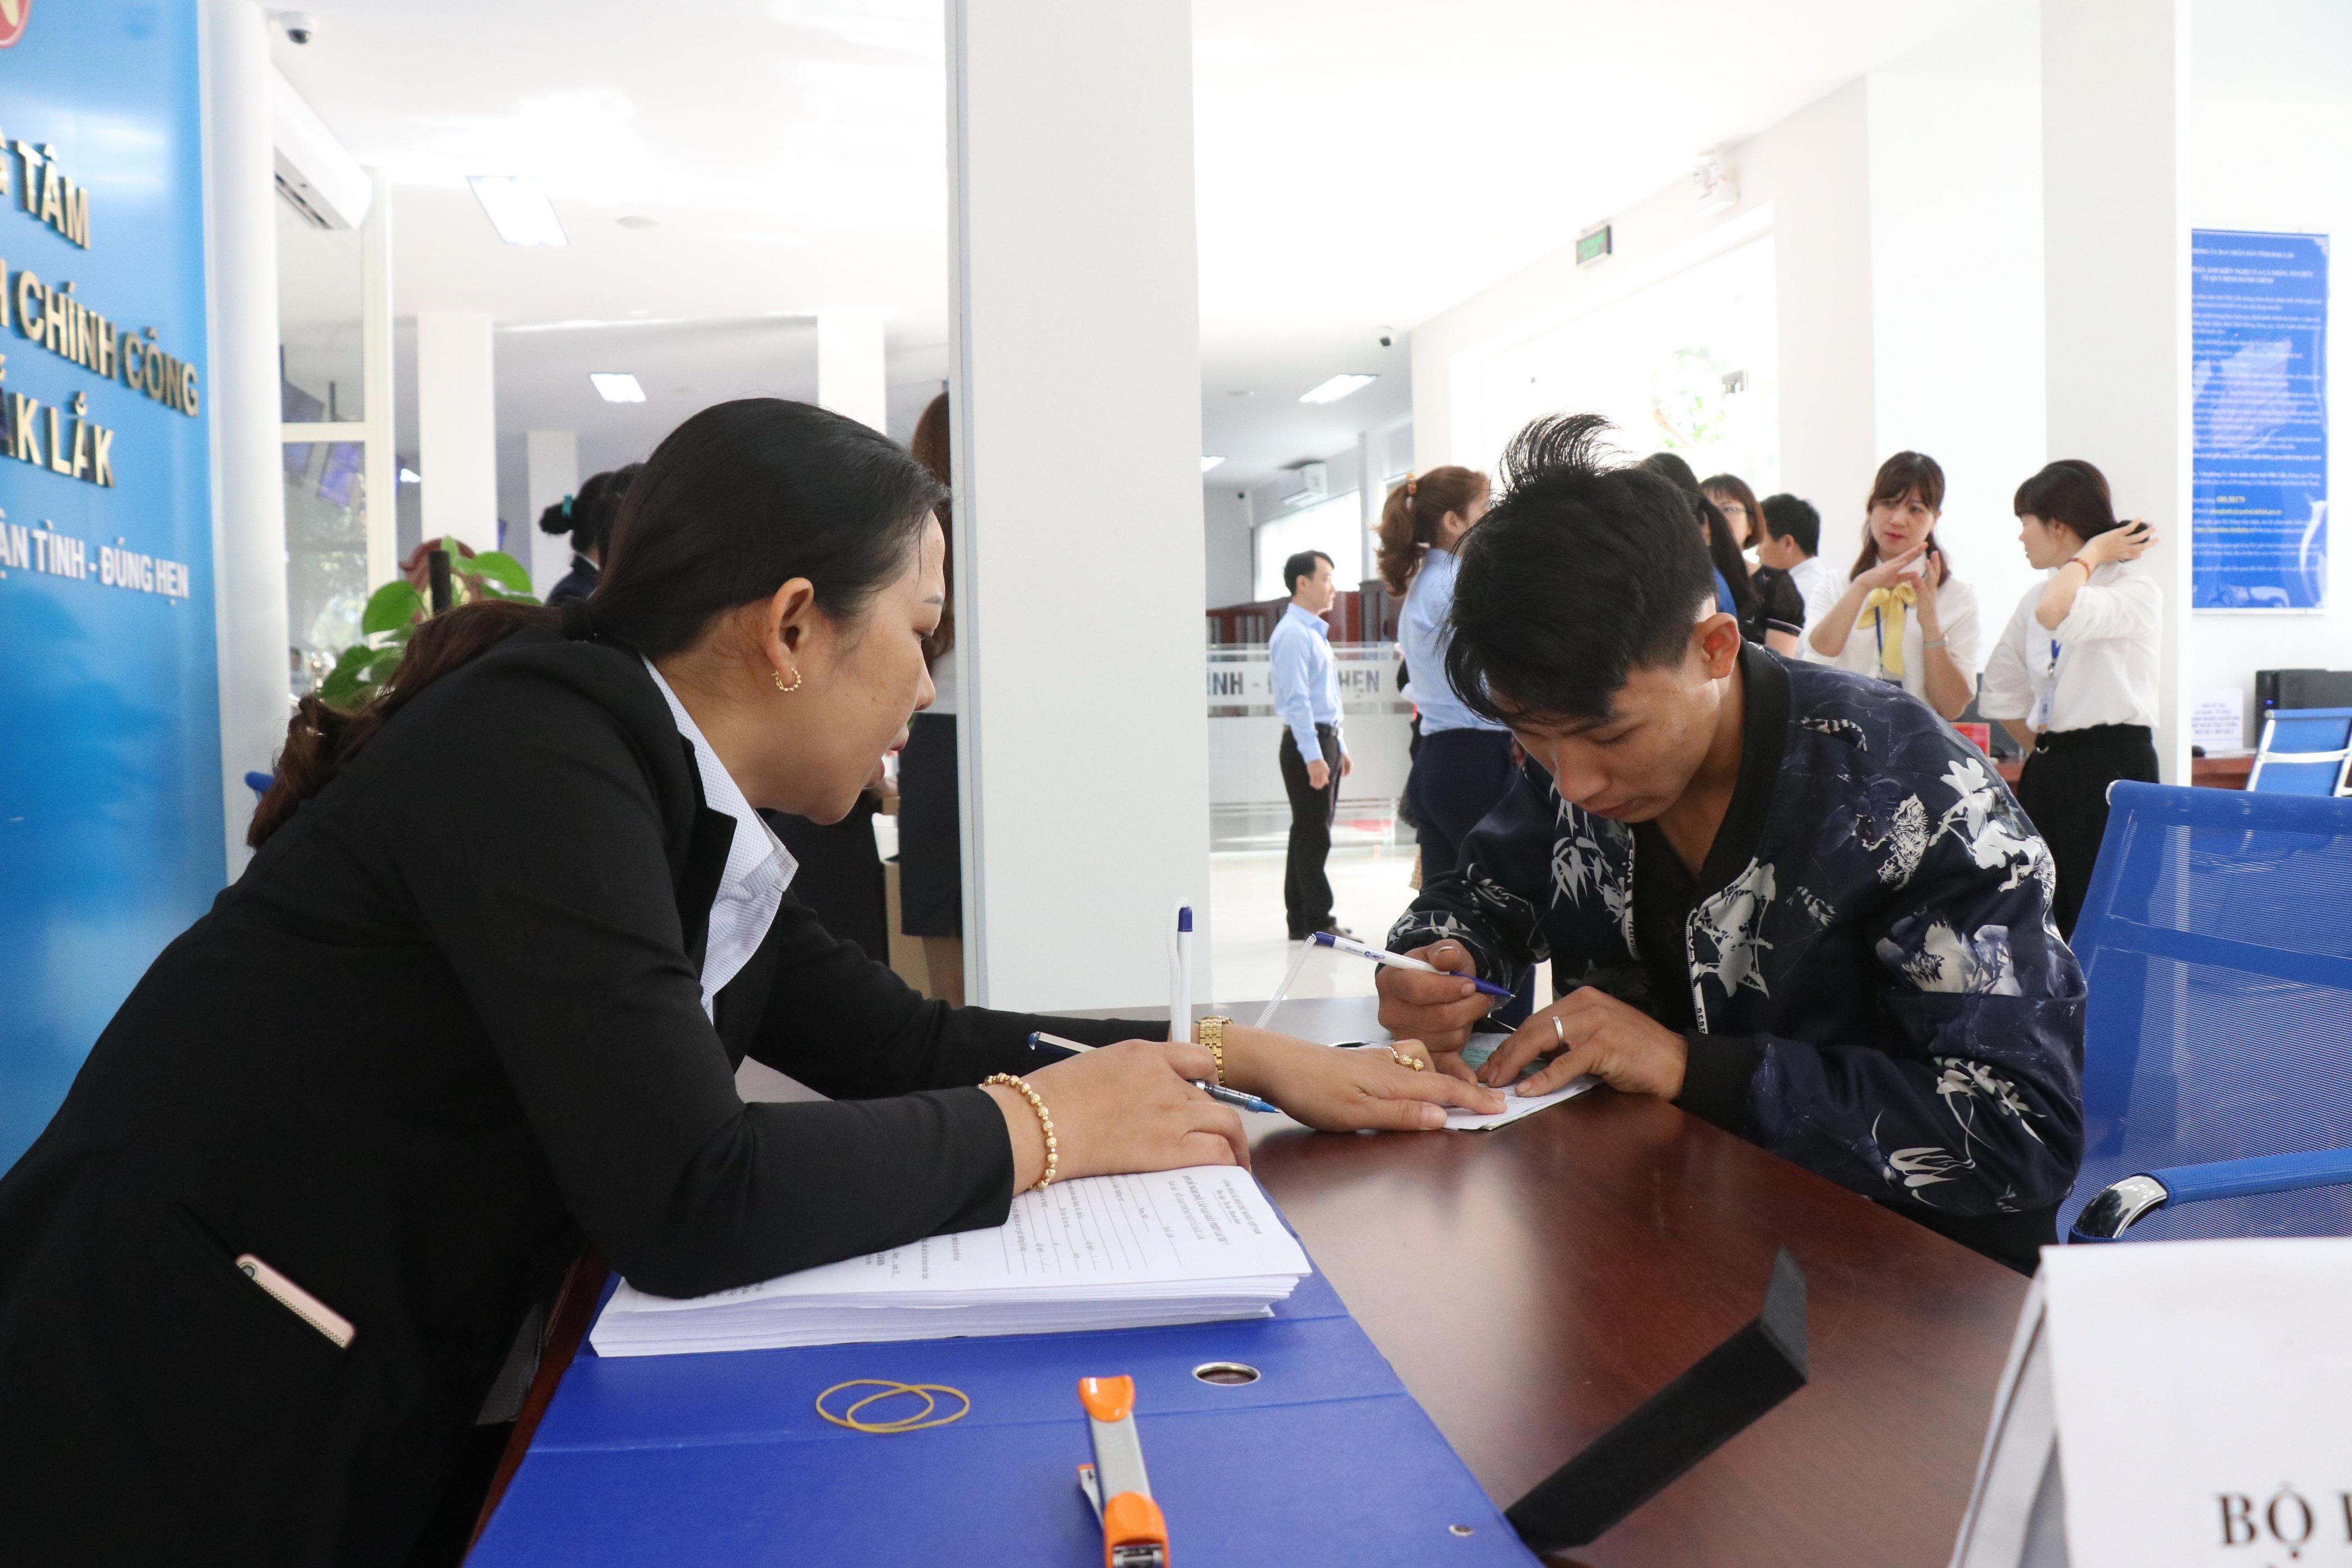 UBND tỉnh yêu cầu tăng cường sử dụng dịch vụ công trực tuyến mức độ 3, mức độ 4 và tiếp nhận hồ sơ, trả kết quả giải quyết TTHC qua dịch vụ bưu chính công ích